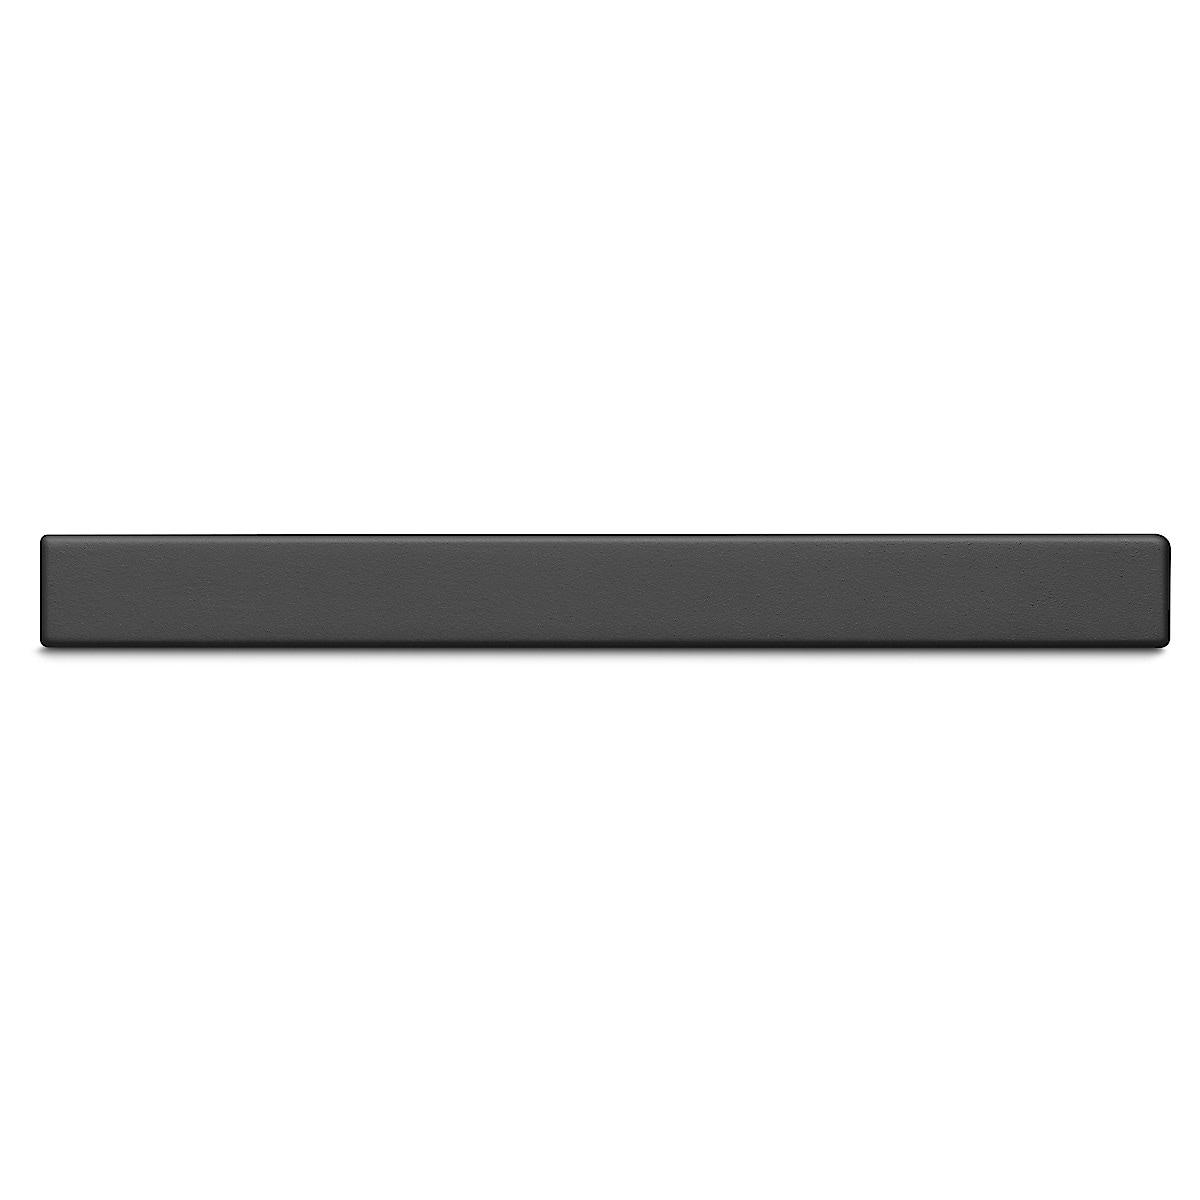 Extern hårddisk, Seagate Backup Plus Slim